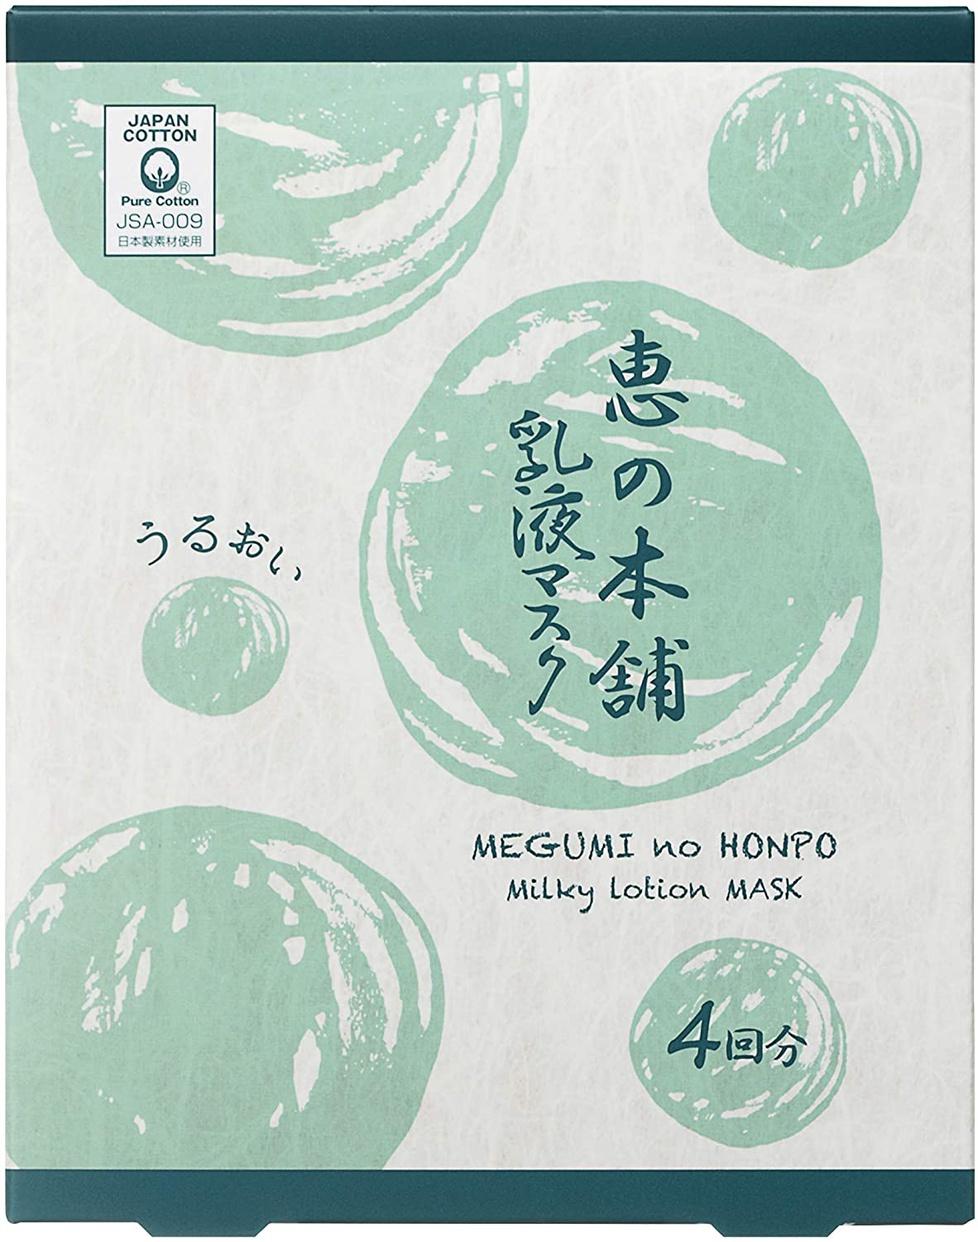 恵の本舗(MEGUMI no HONPO) 乳液マスクの商品画像